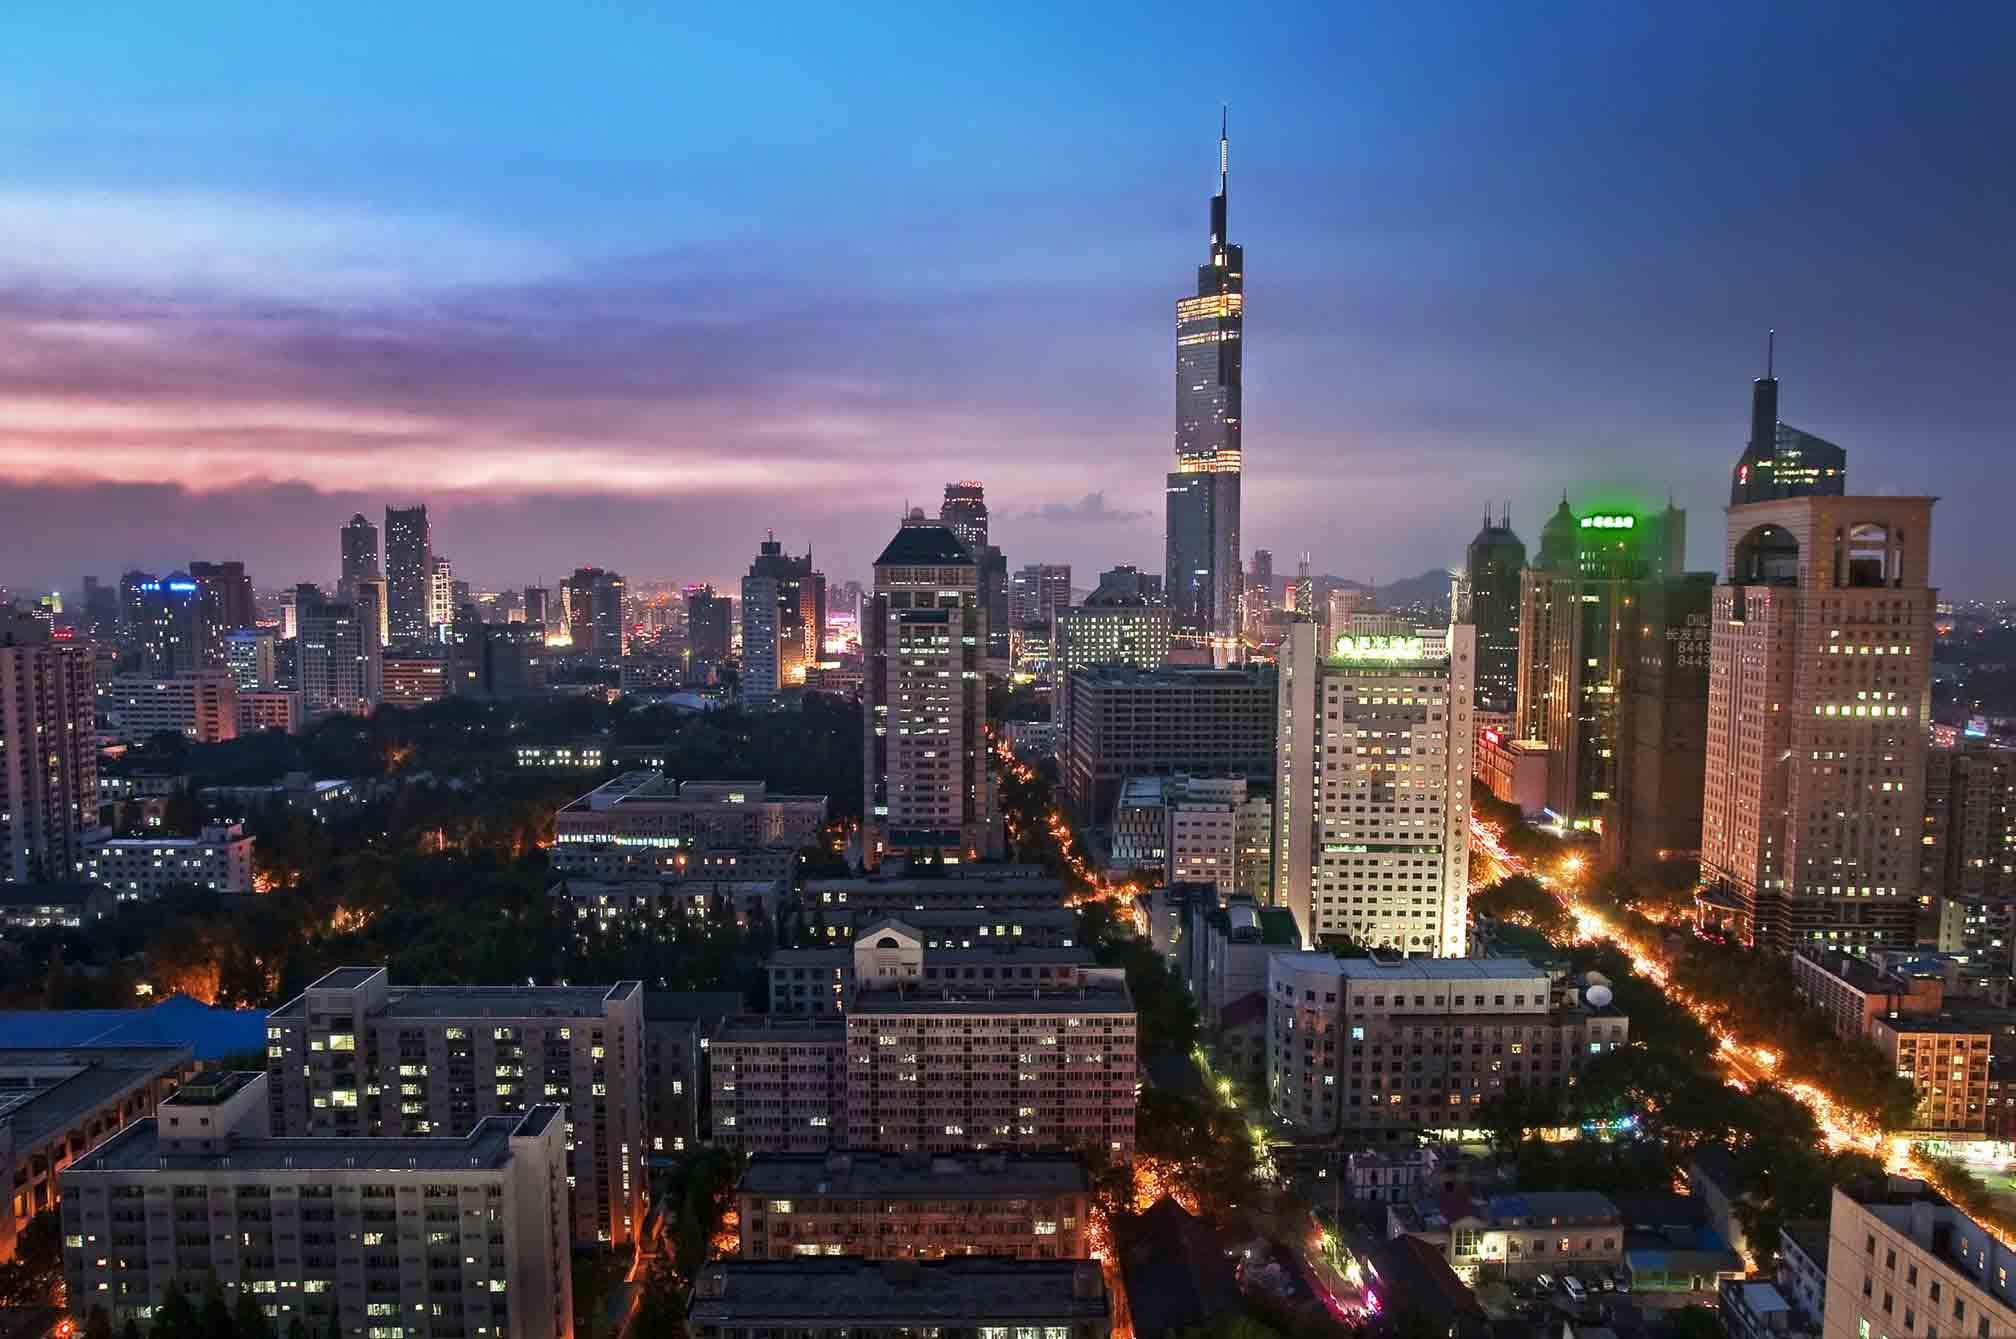 Panoramica de Nanjing